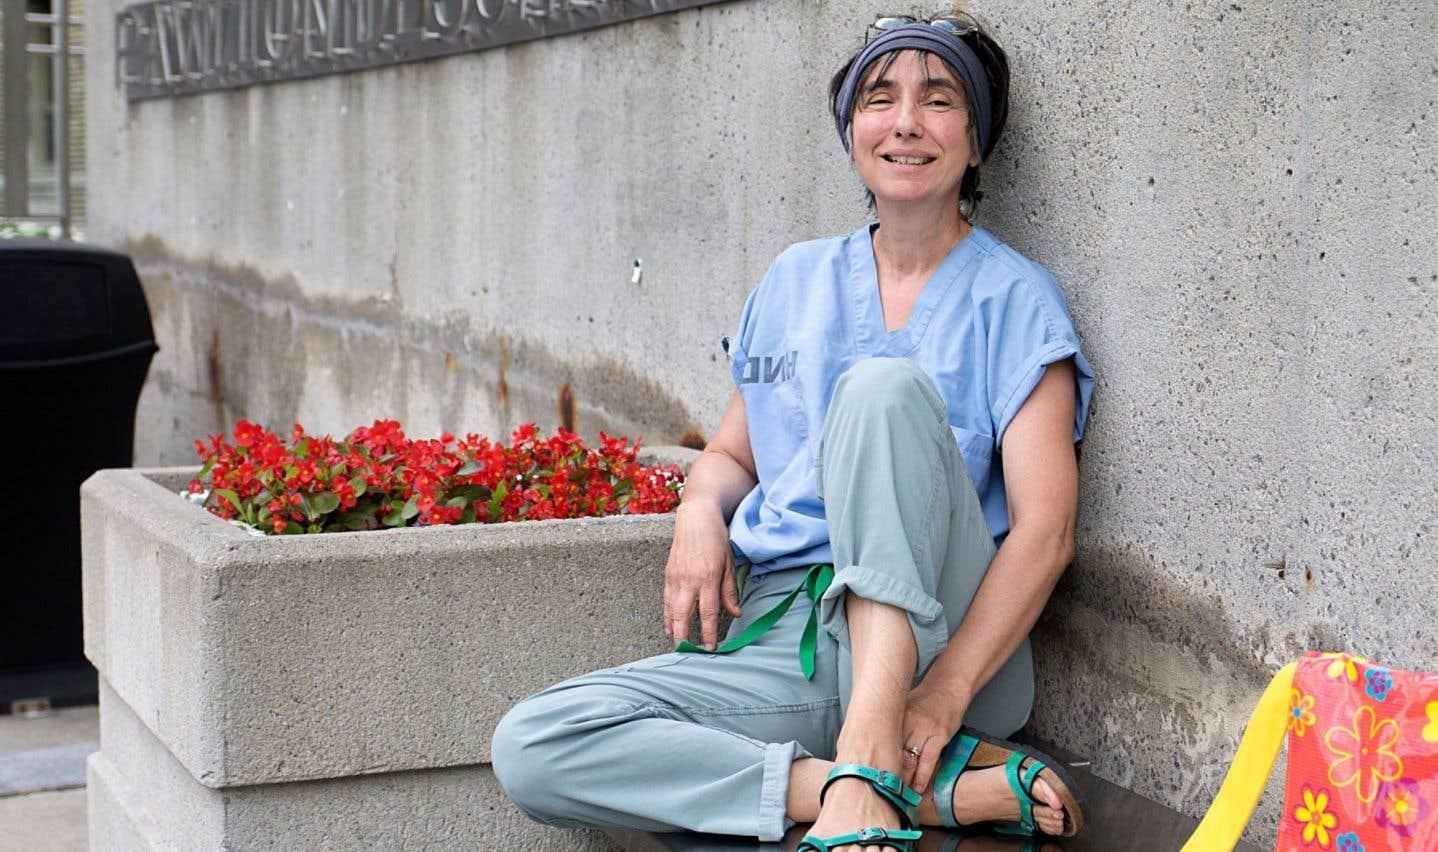 «On peut être objet d'indifférence ou objet de réconfort, mais moi, je veux être présente pour l'autre», explique Suzanne Myre.